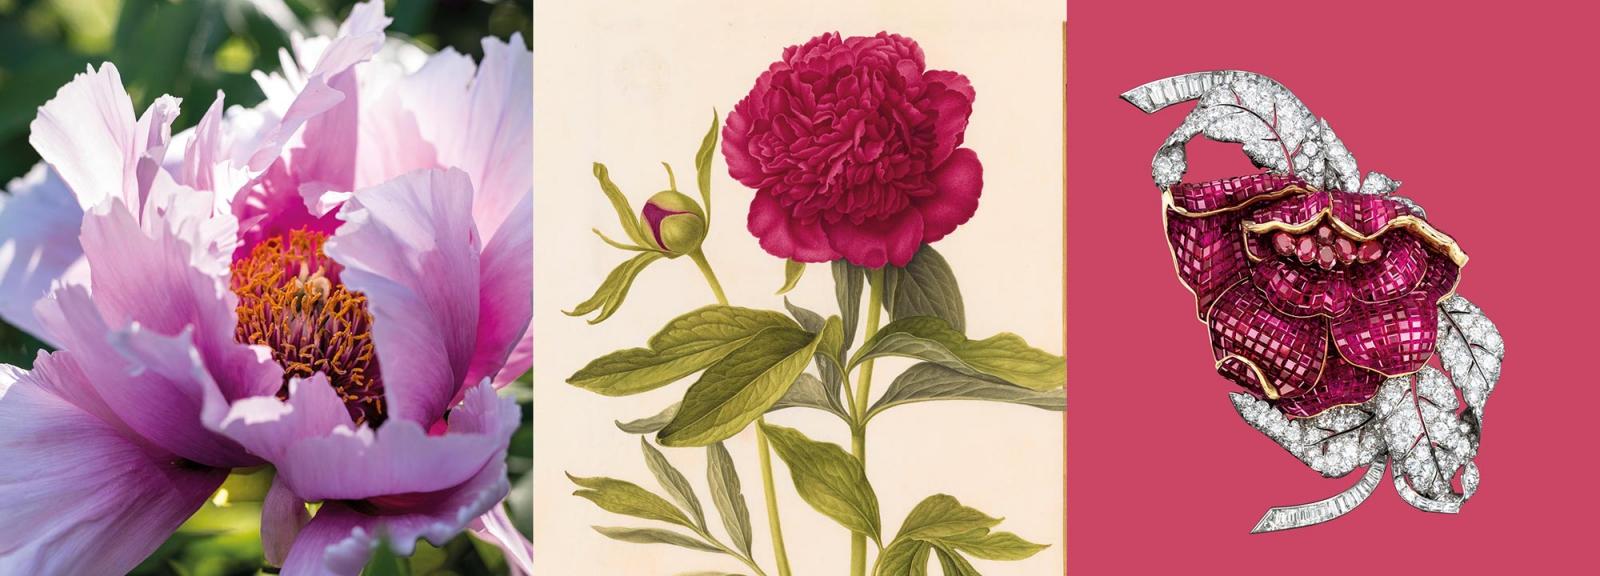 Calendrier floral - Dossier (bandeau)